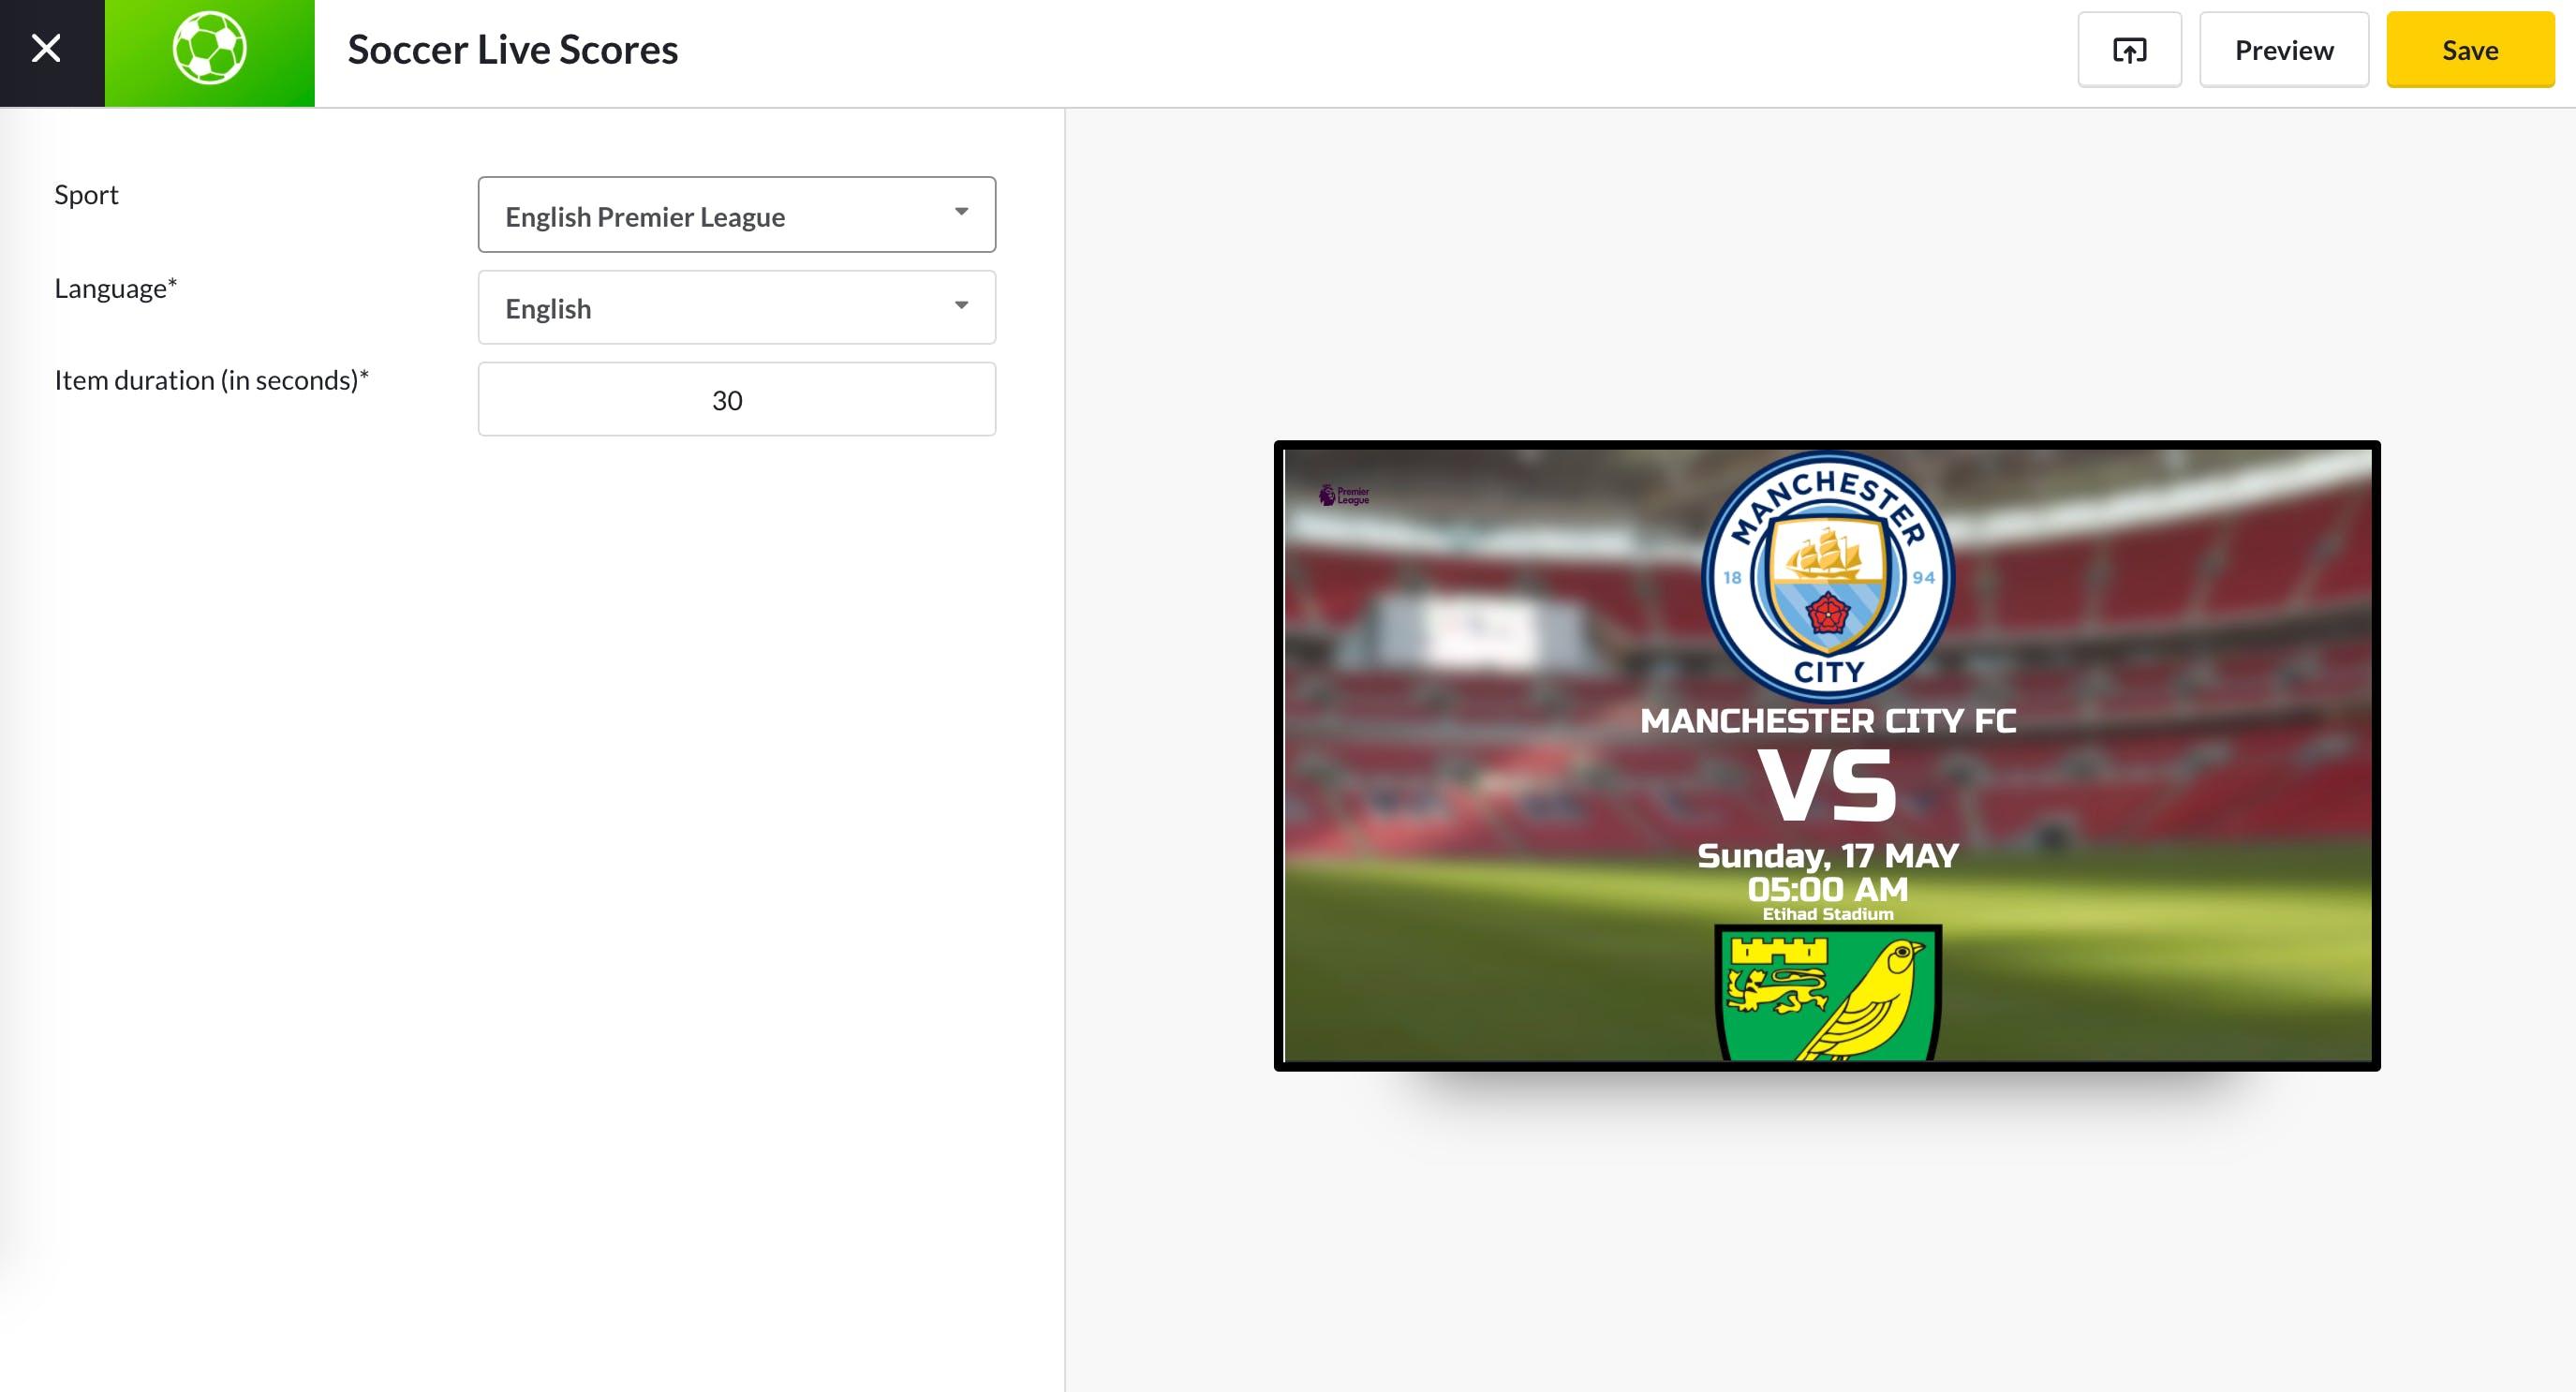 Soccer Live Scores App Guide - Set up app 5.14.2020.png